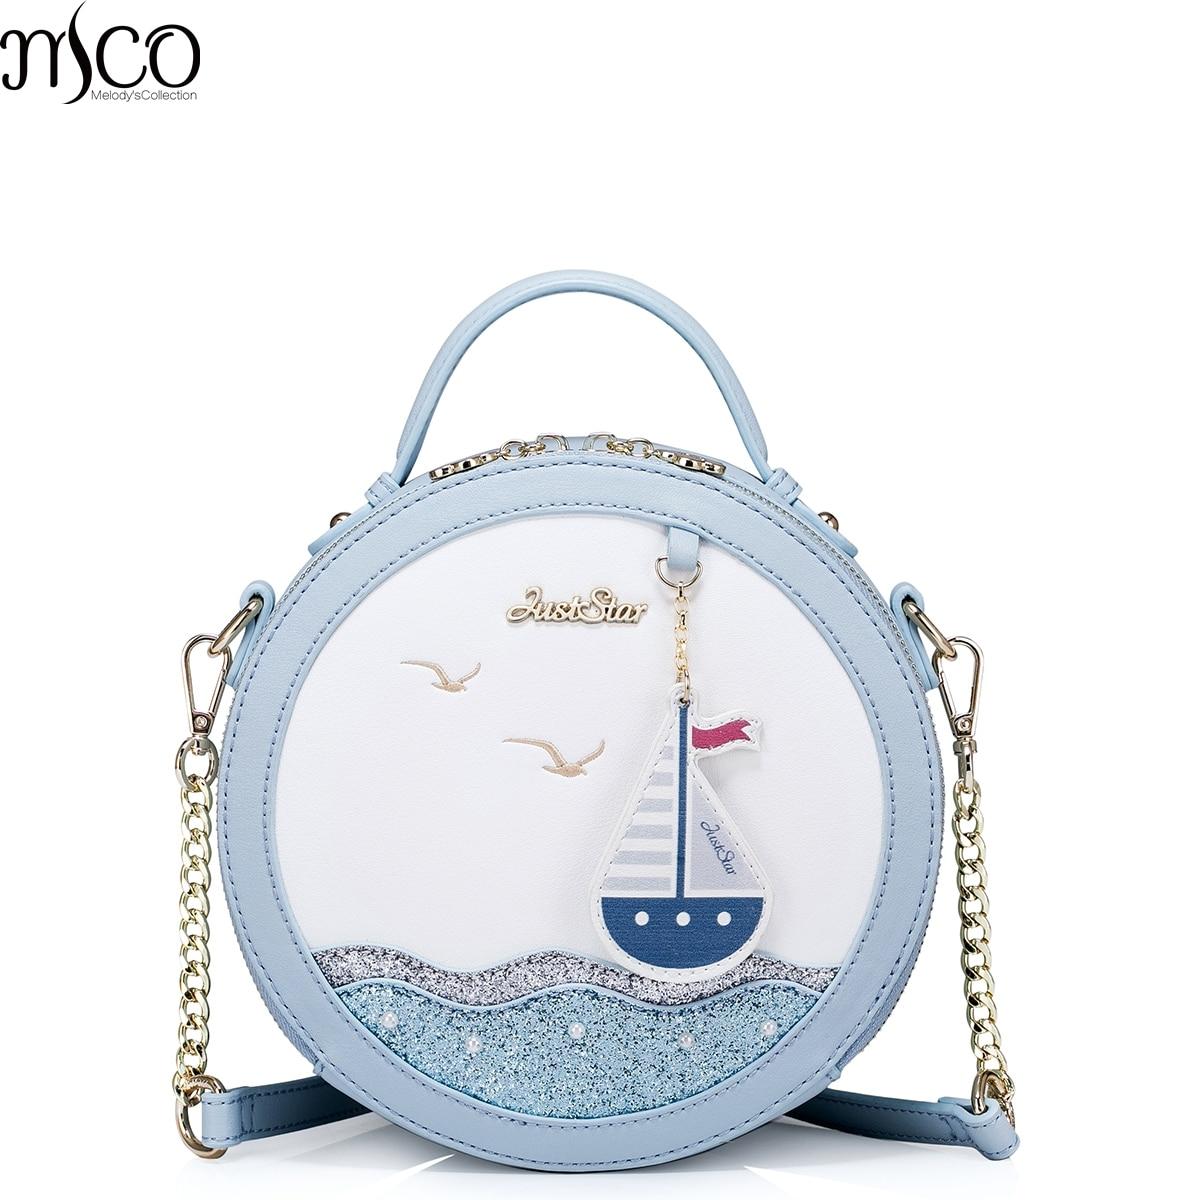 Banta çantë plazhi luksoze e Sequin 2017 Për vajzat adoleshente - Çanta dore